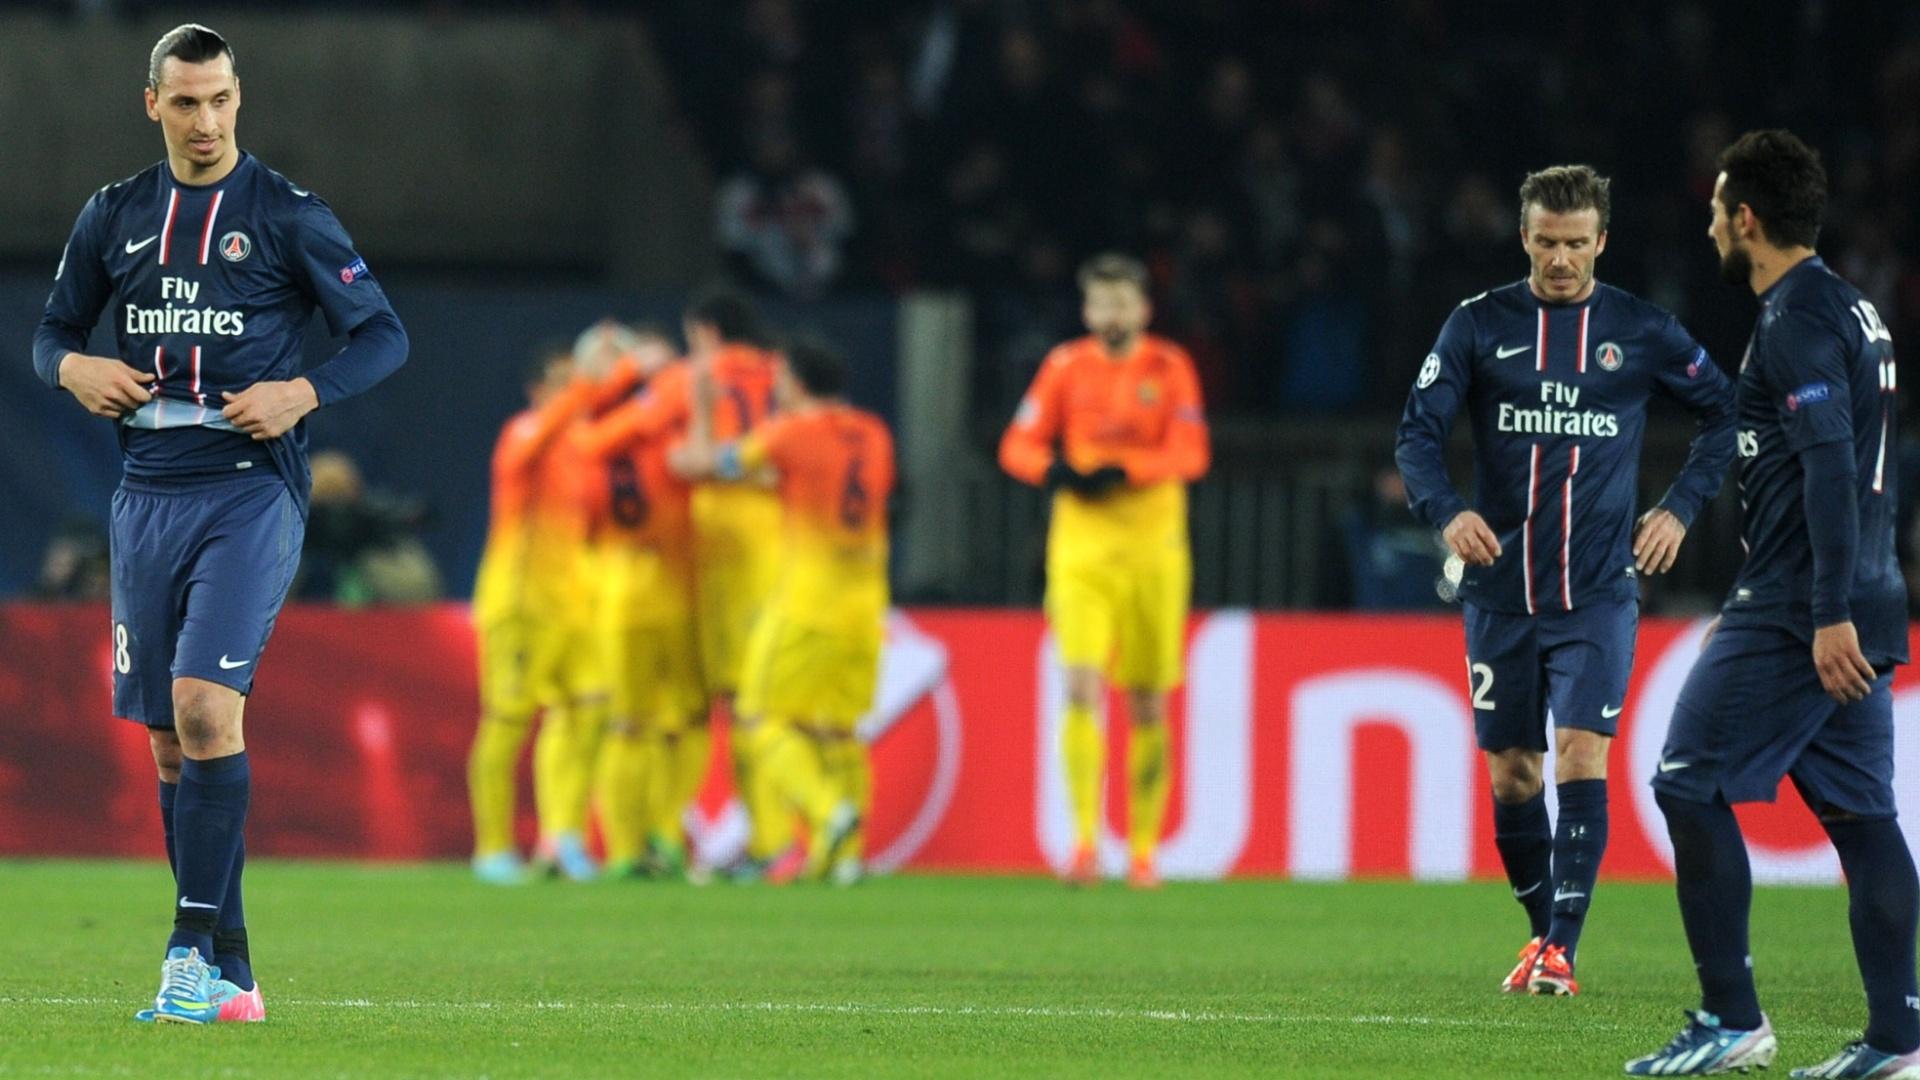 02.abr.2013- Enquanto Ibrahimovic e Beckham lamentam, jogadores do Barcelona comemoram gol de Messi na partida contra o PSG pelas quartas da Liga dos Campeões